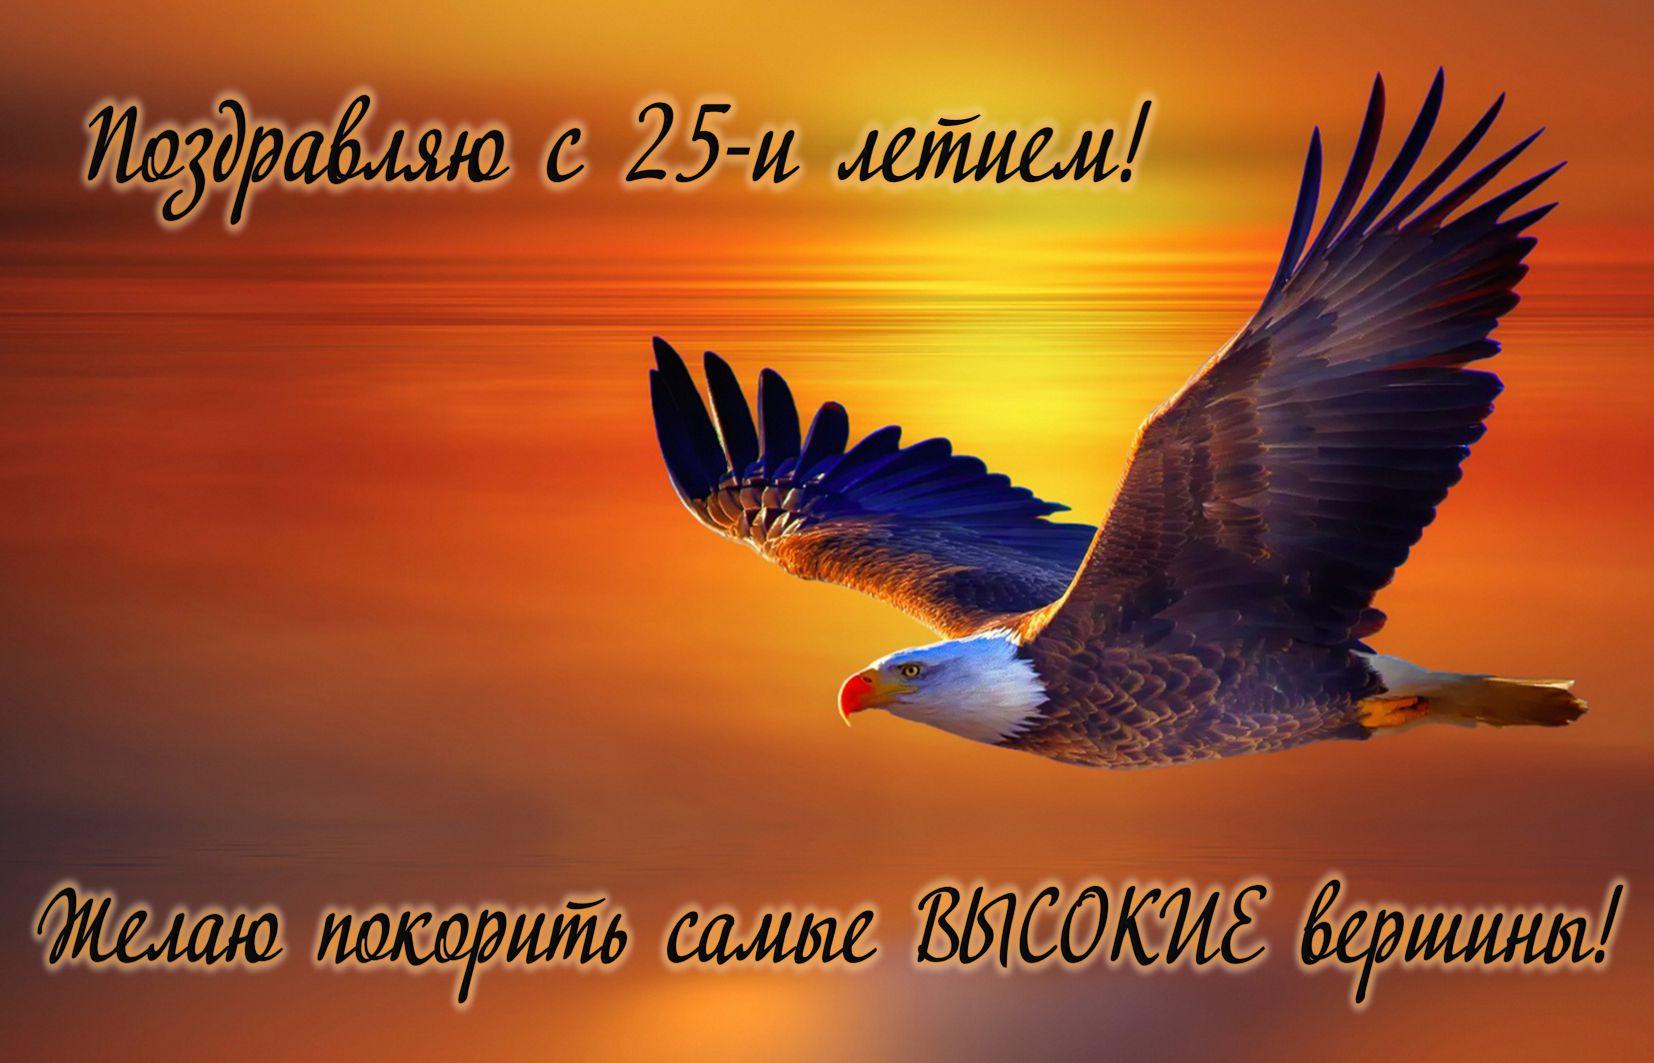 Признании любви, орел в небе открытка